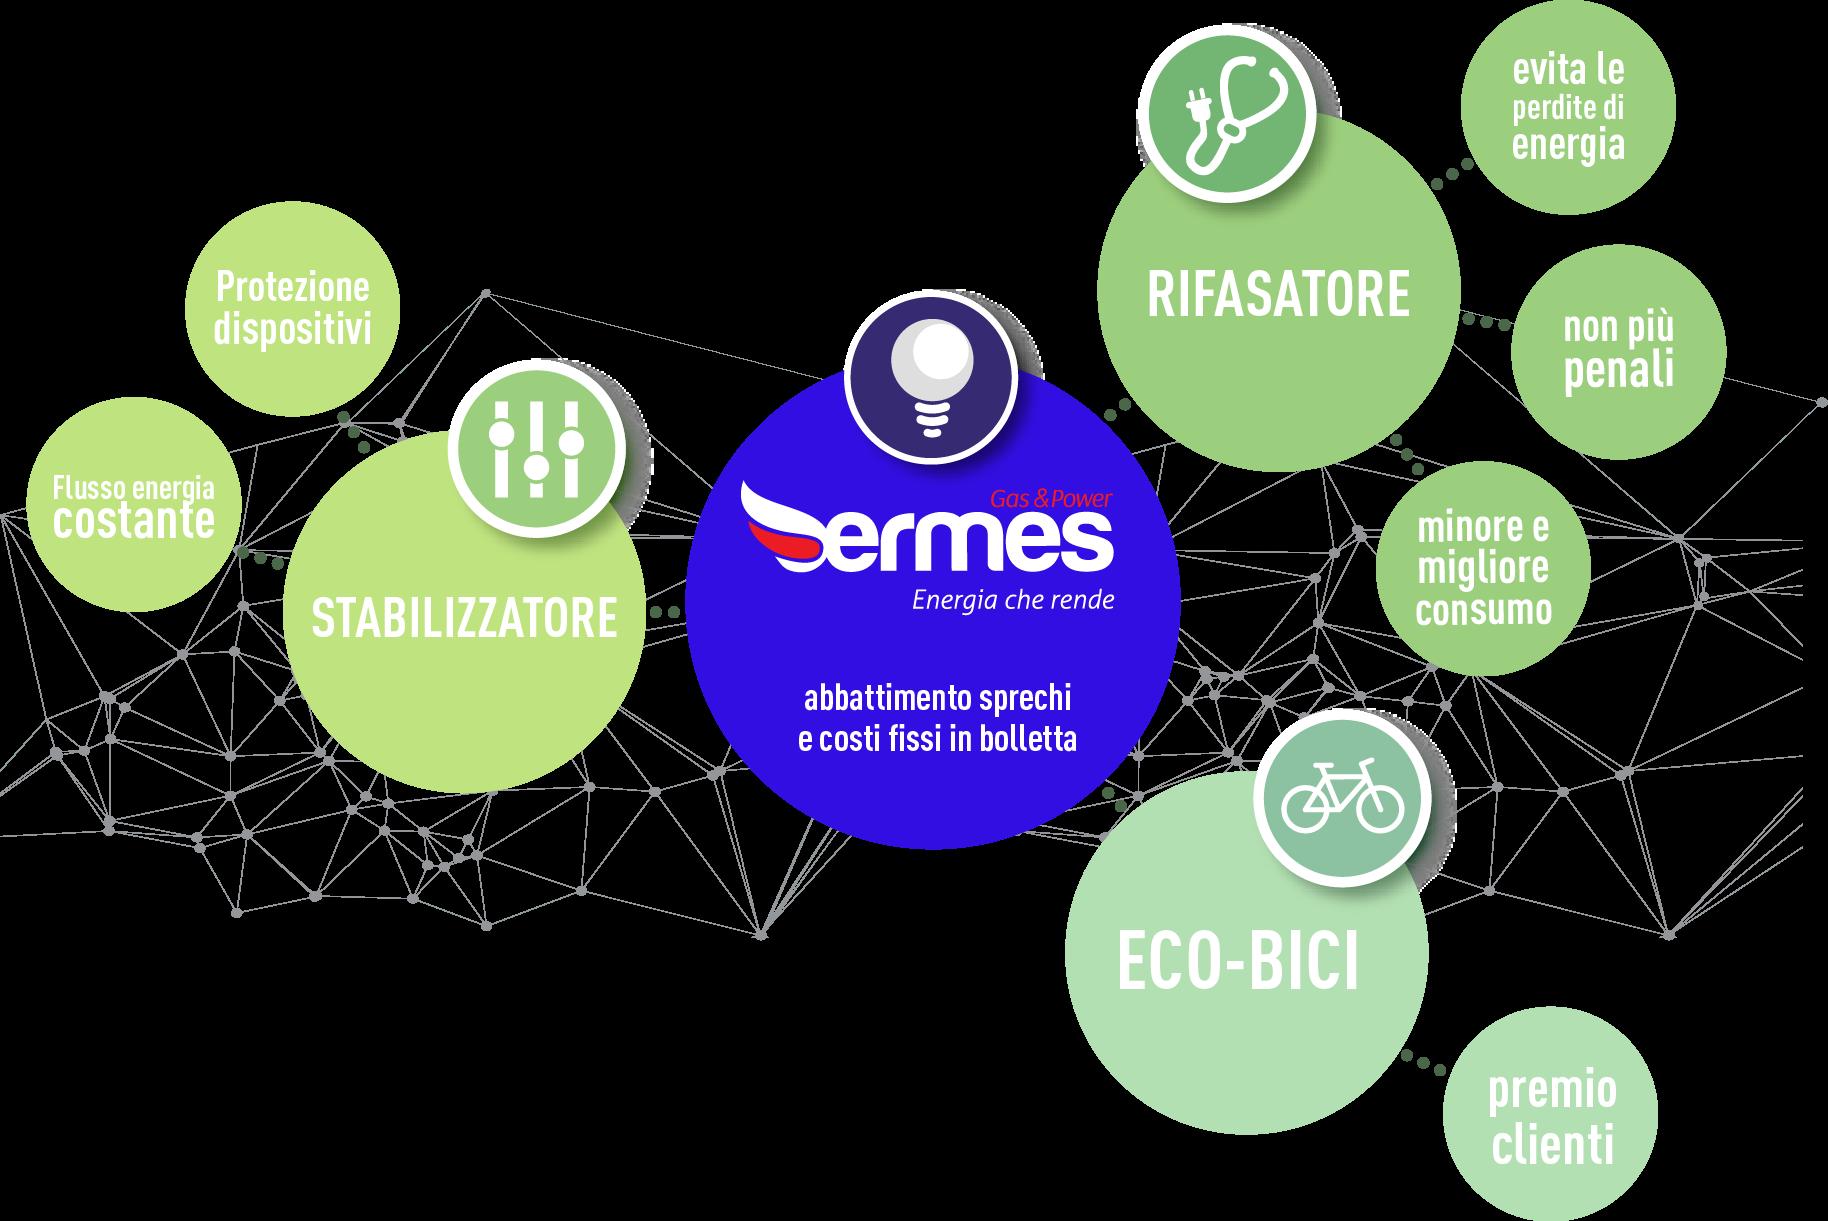 ermes-map-concept-abbattimento-sprechi-costi